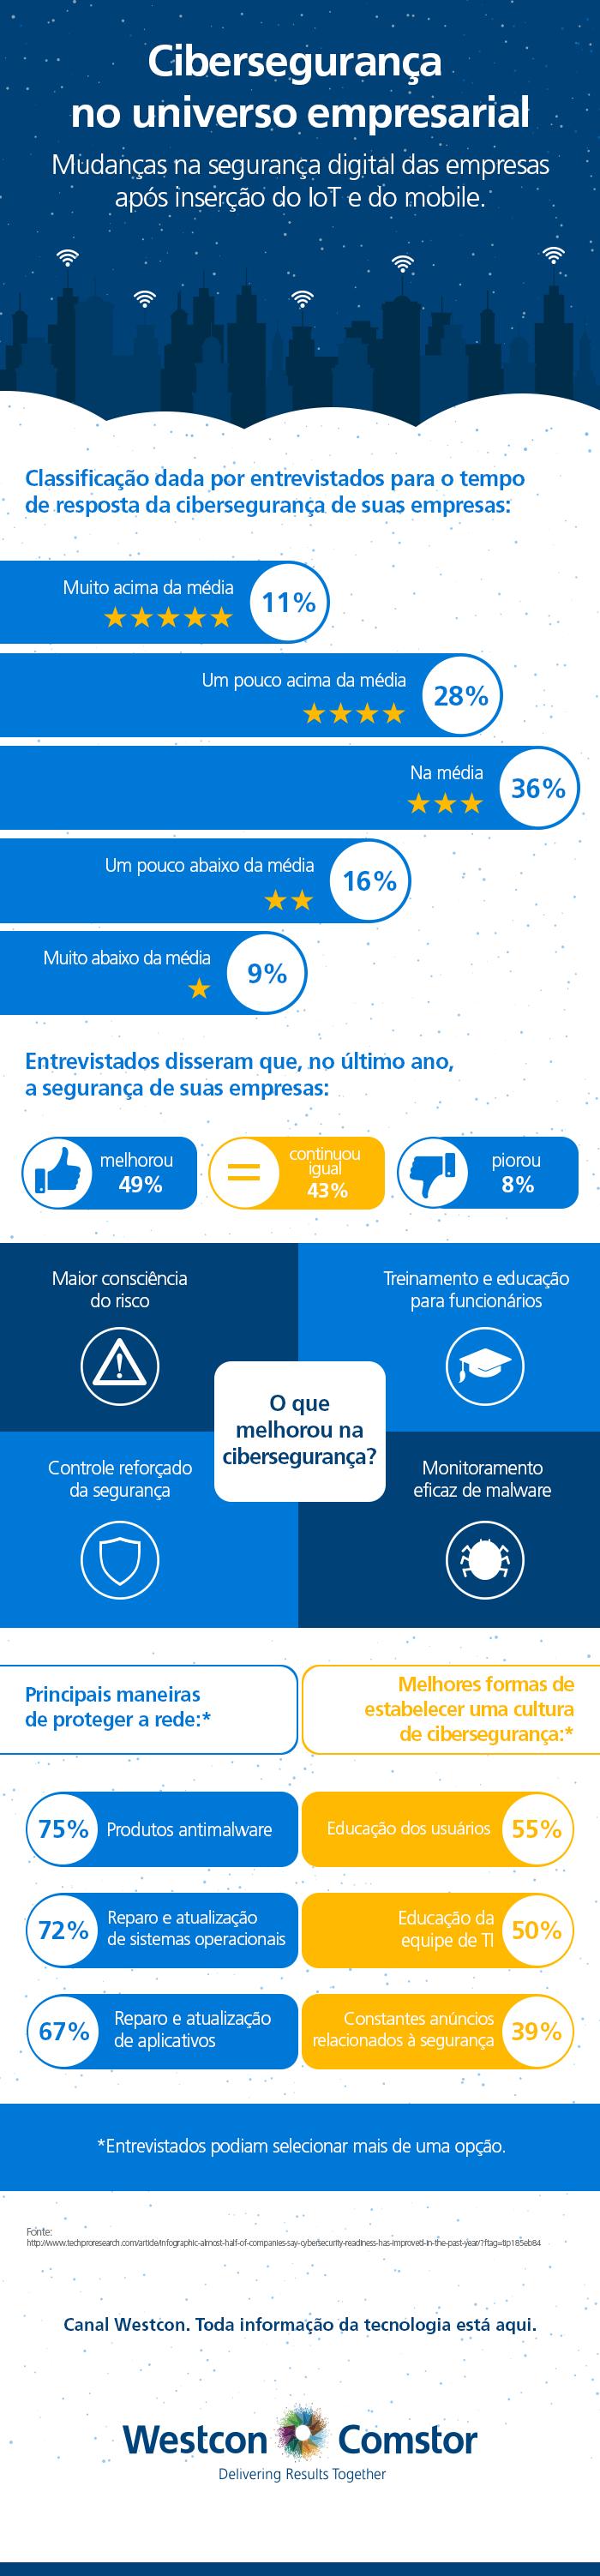 Infográfico Cibersegurança no Universo Empresarial.png